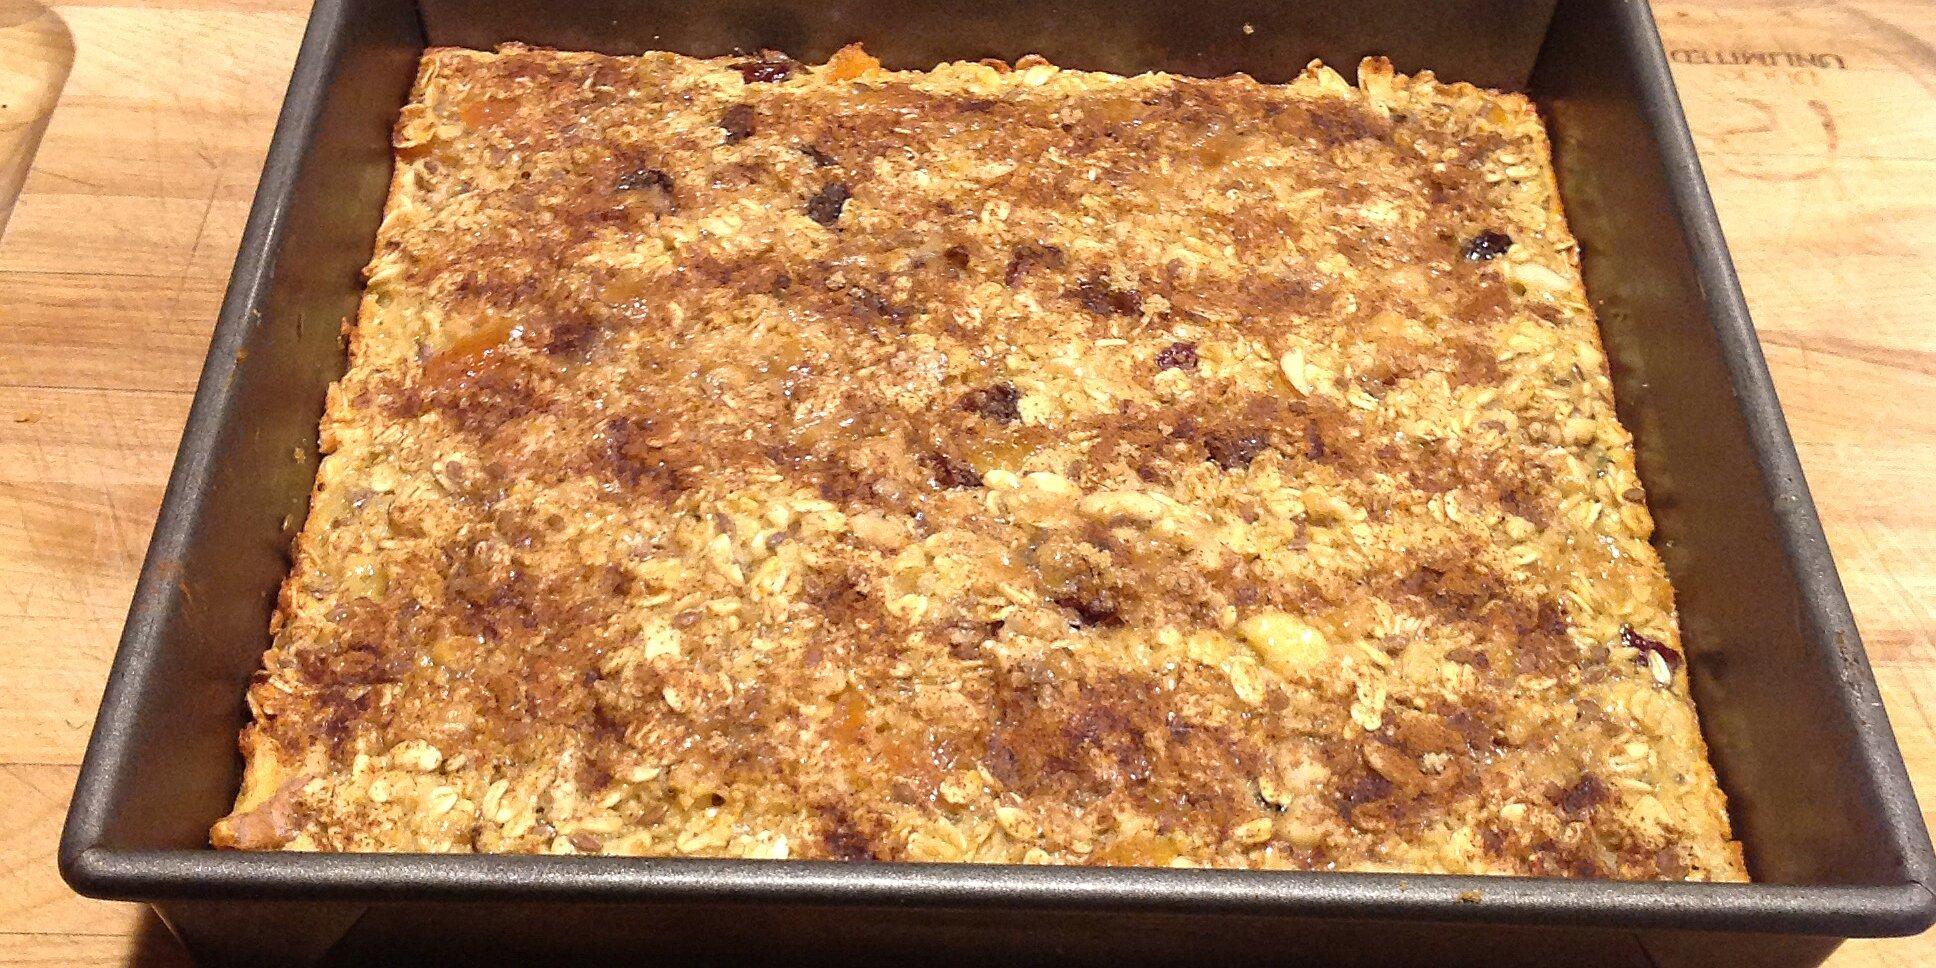 banana bread baked oatmeal bars recipe